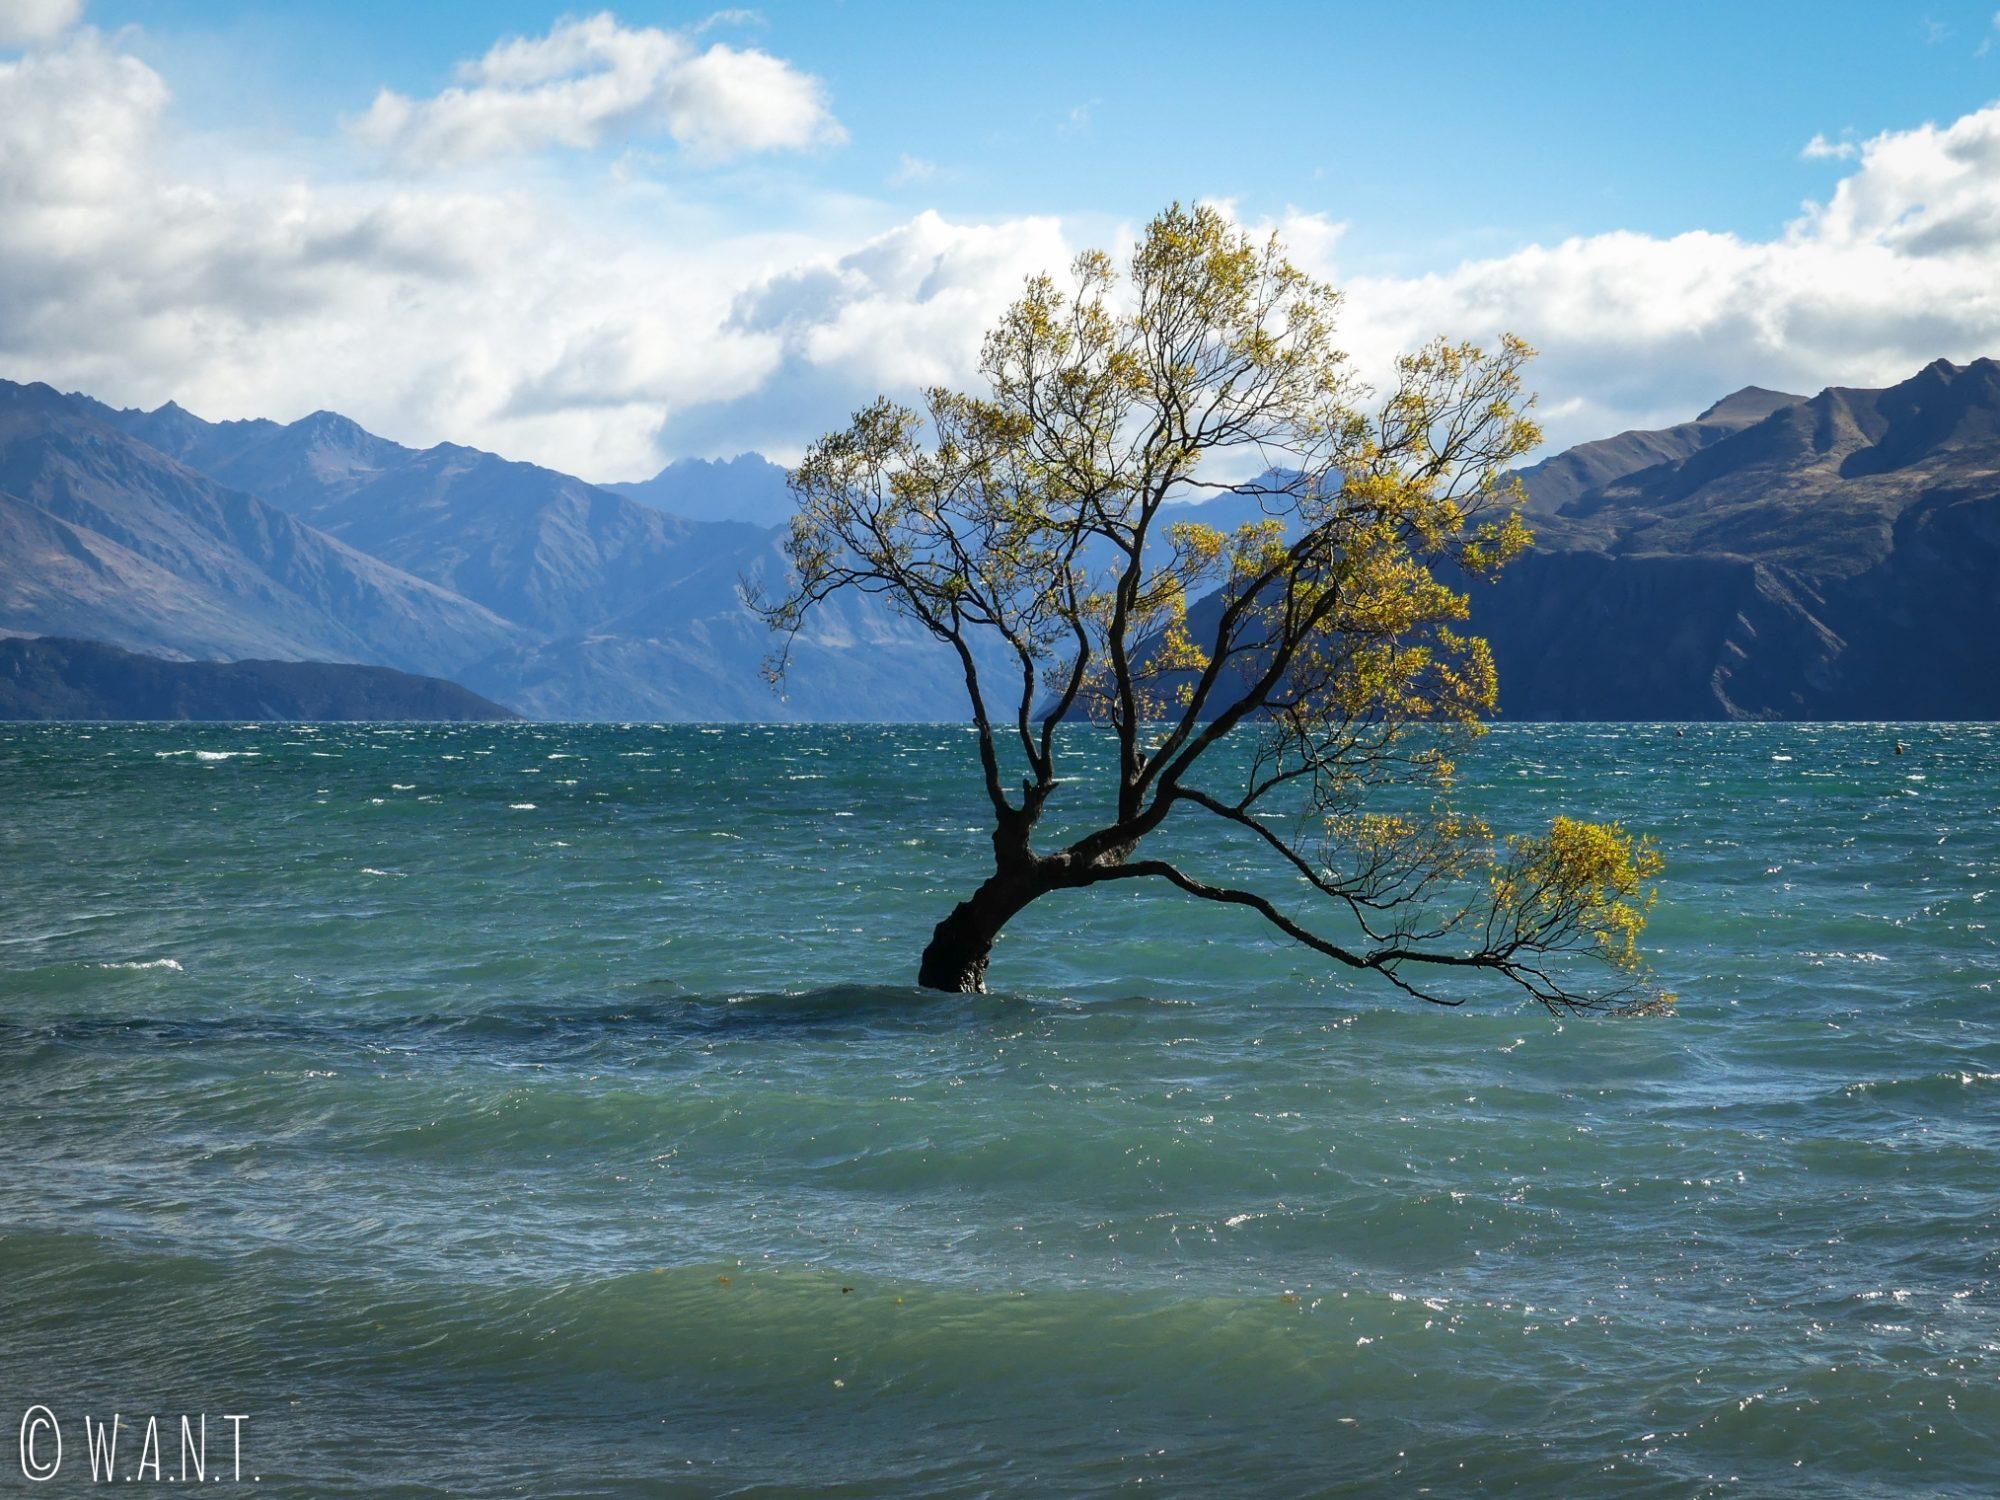 Plus célèbre arbre de Wanaka en Nouvelle-Zélande